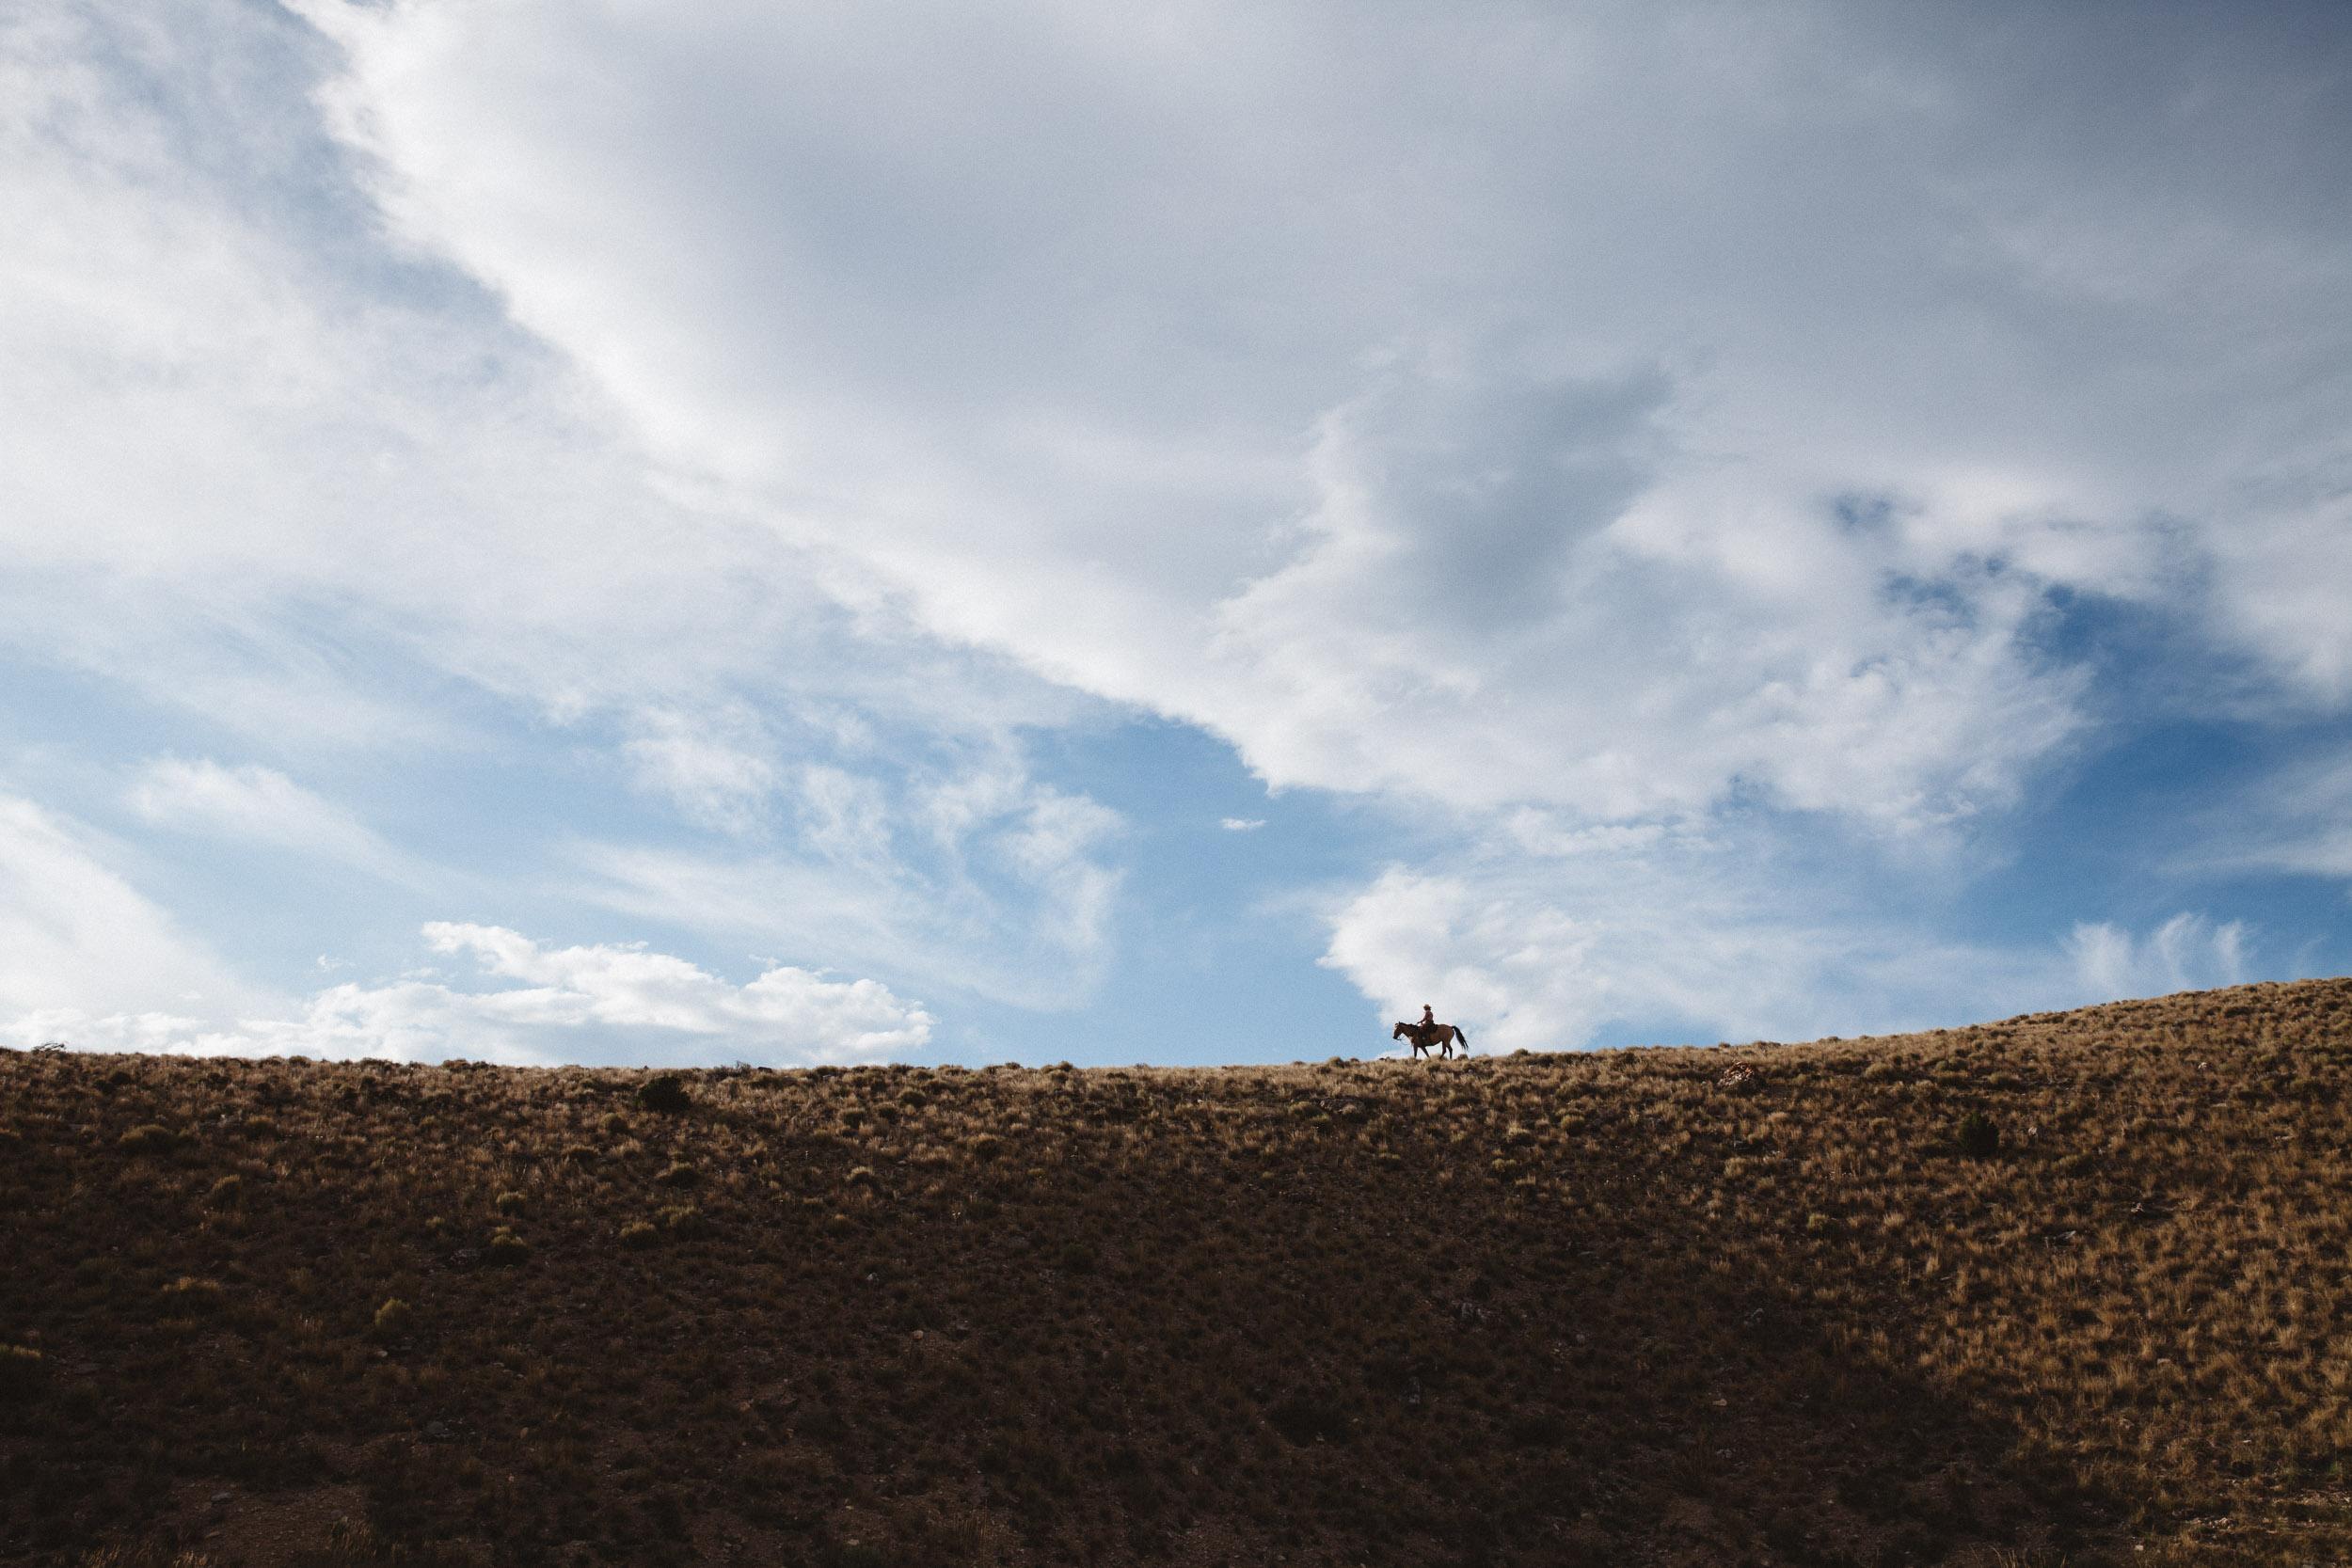 Horseback rider against the sky